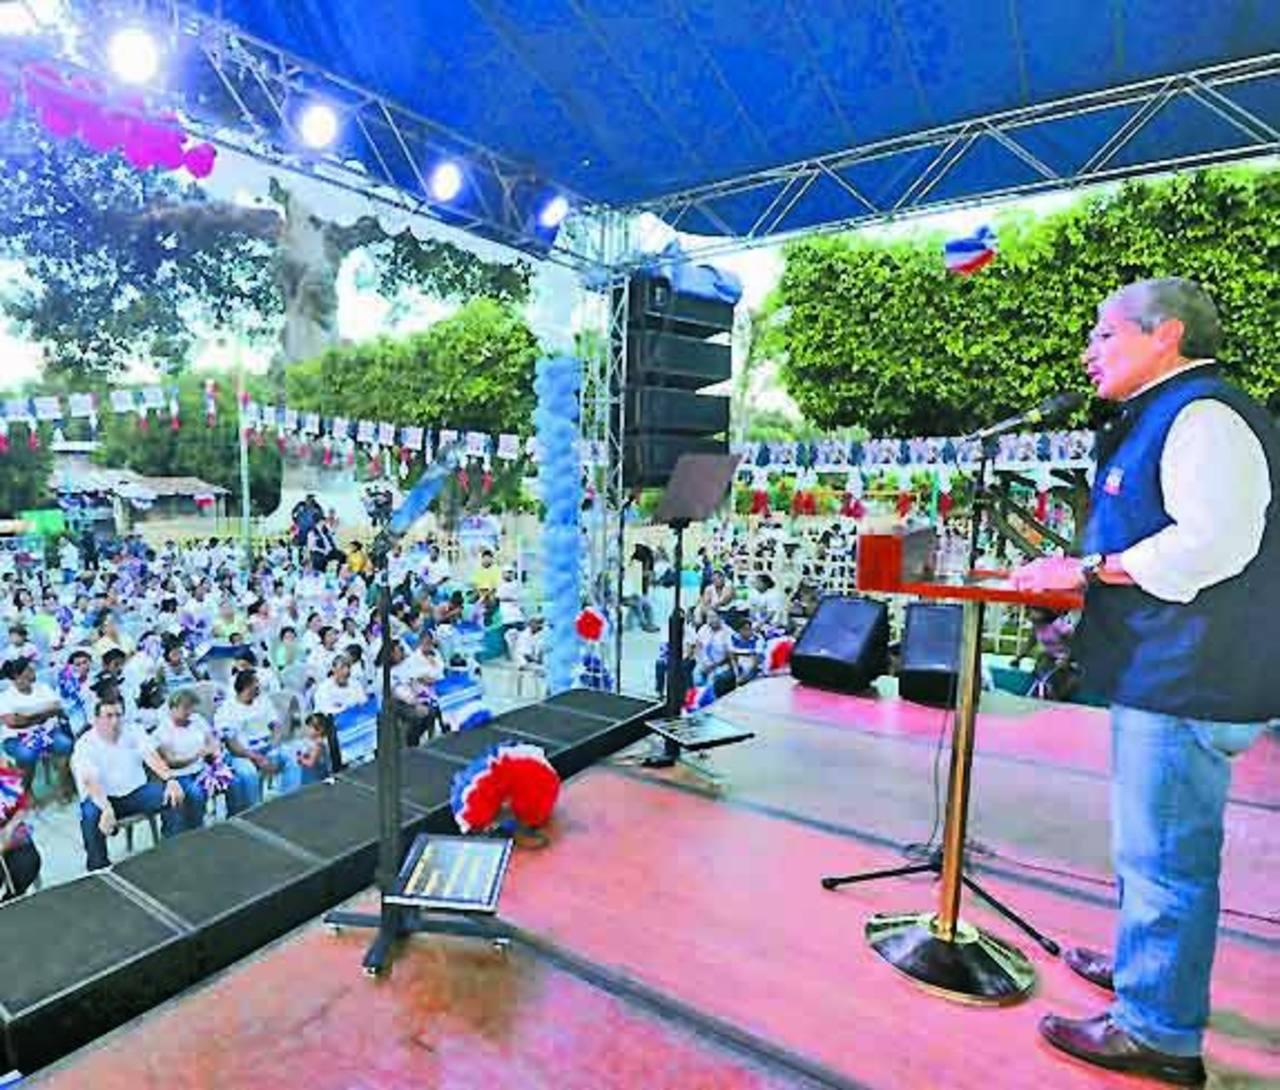 El candidato de ARENA se dirige a los más de 500 asistentes en San Cayetano Istepeque. Foto EDH / claudia castillo Salvador Sánchez Cerén dijo que se propondrá recuperar la agricultura del país. Foto EDH / Lissette Monterrosa